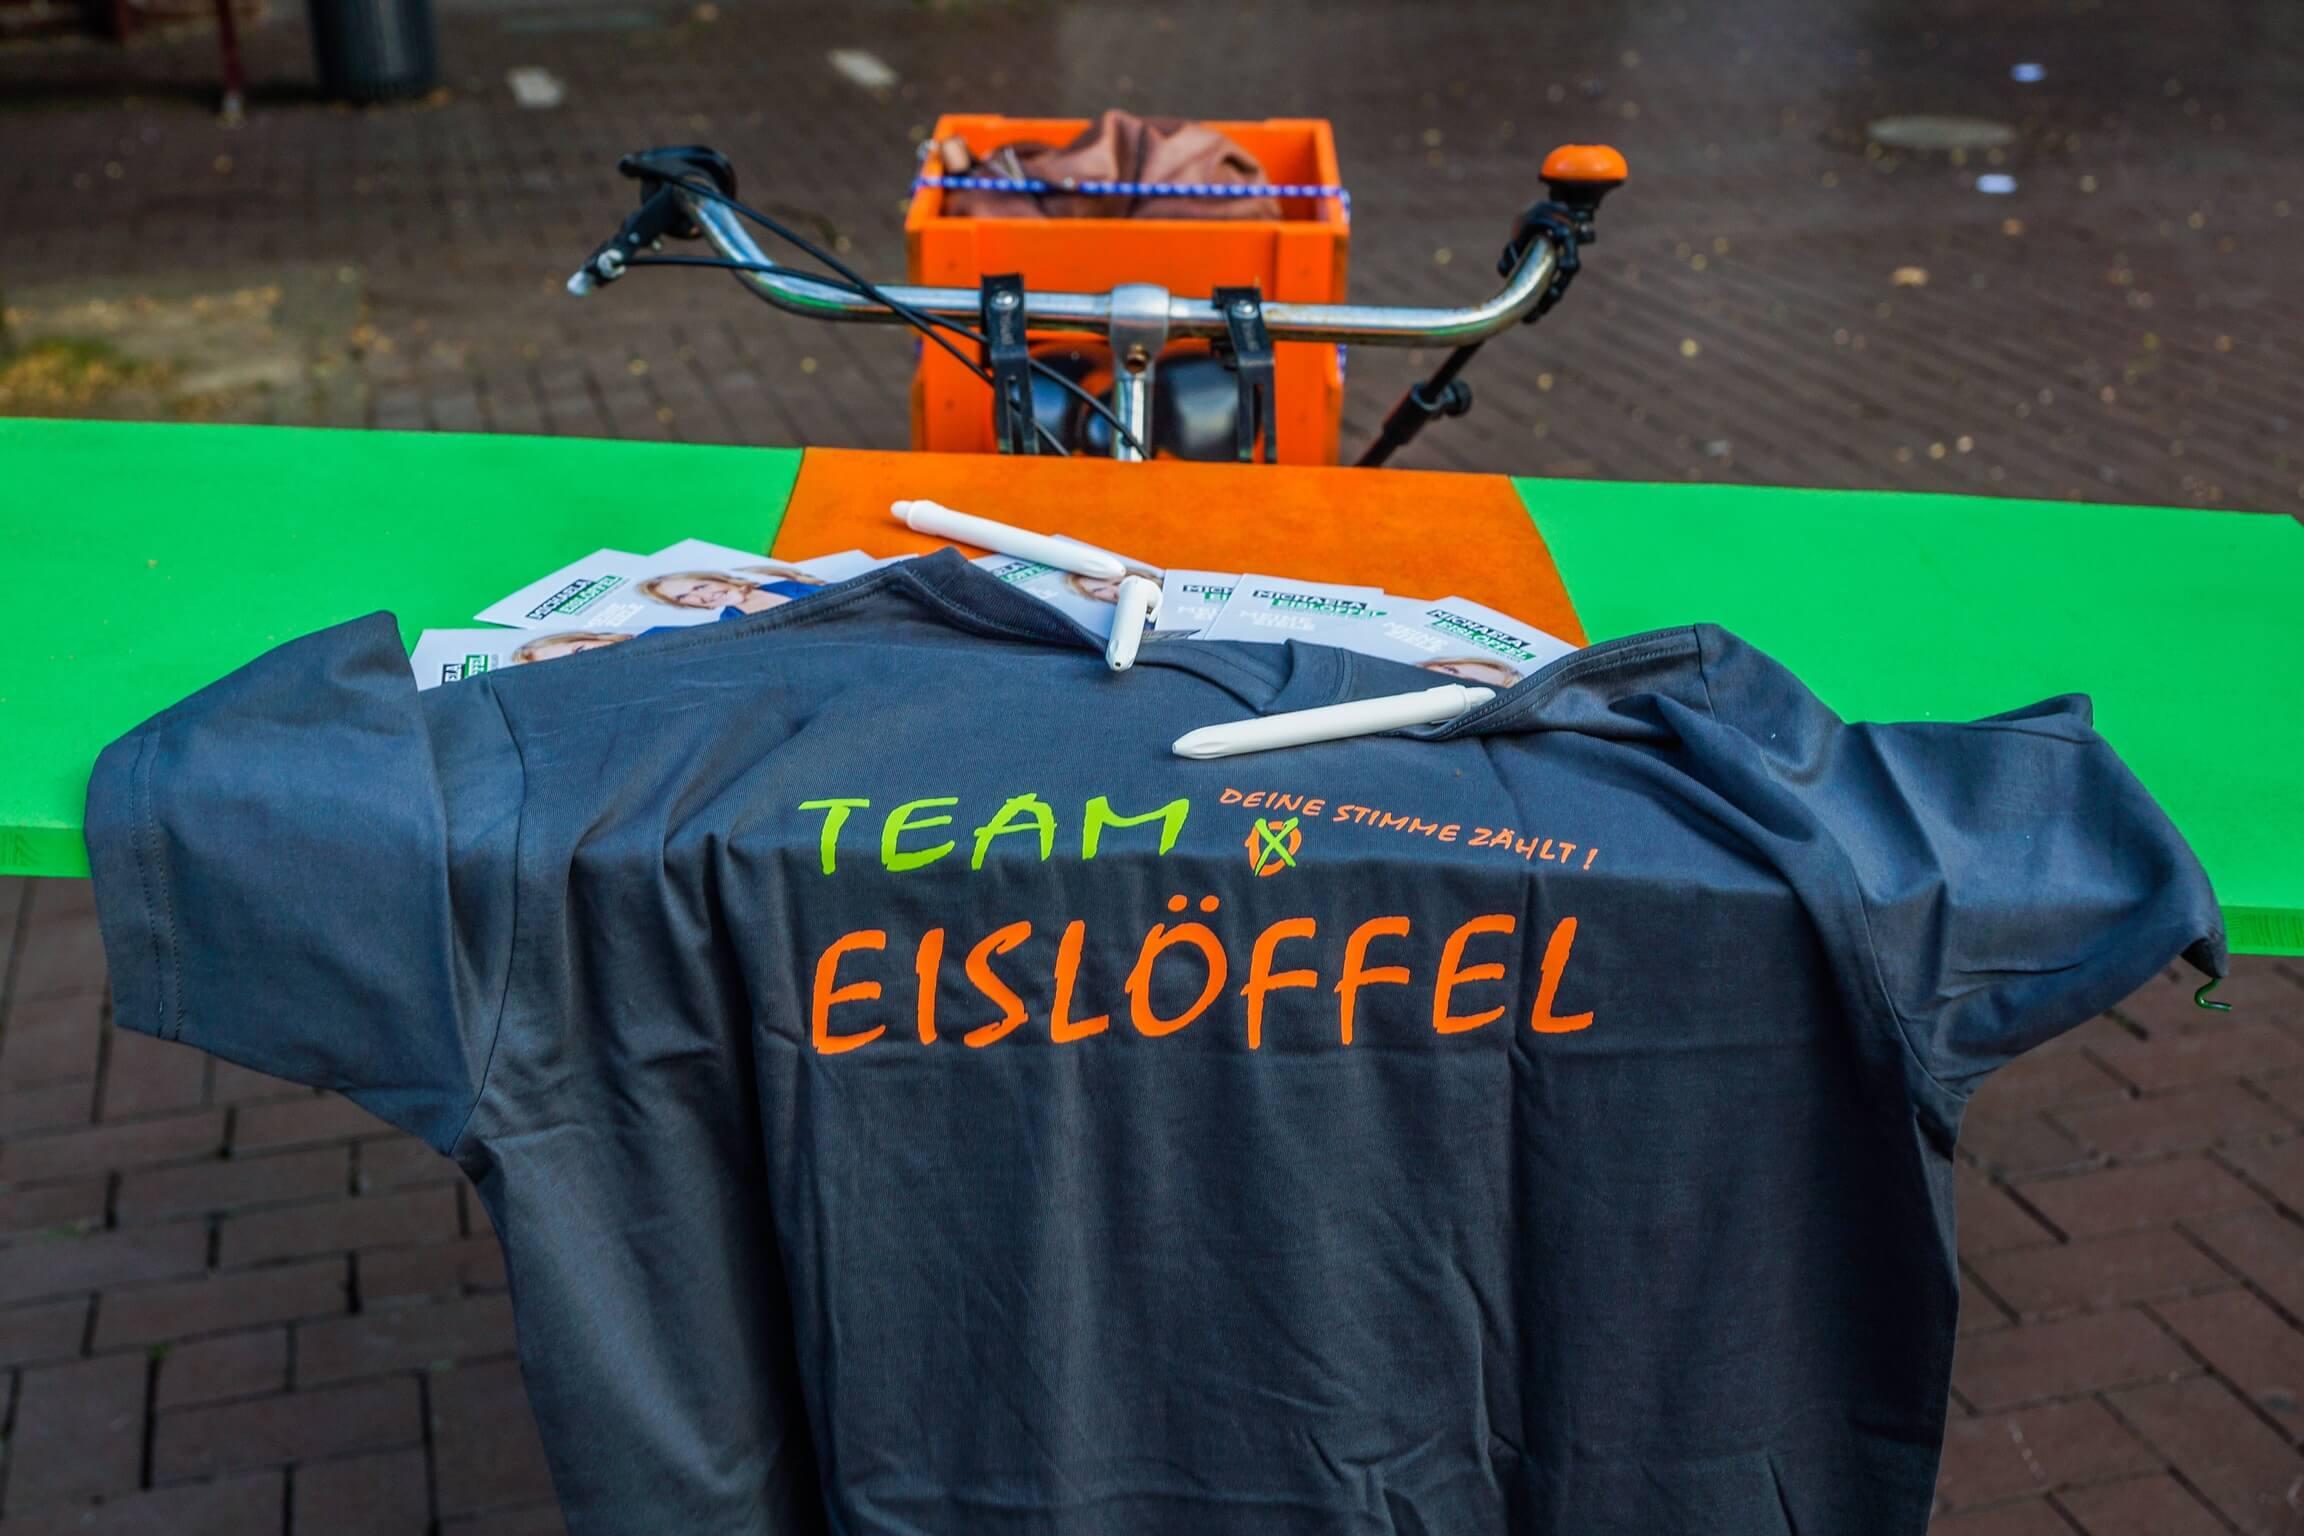 Team Eislöffel war auch mit dem Wahlkampffahrrad vor Ort.